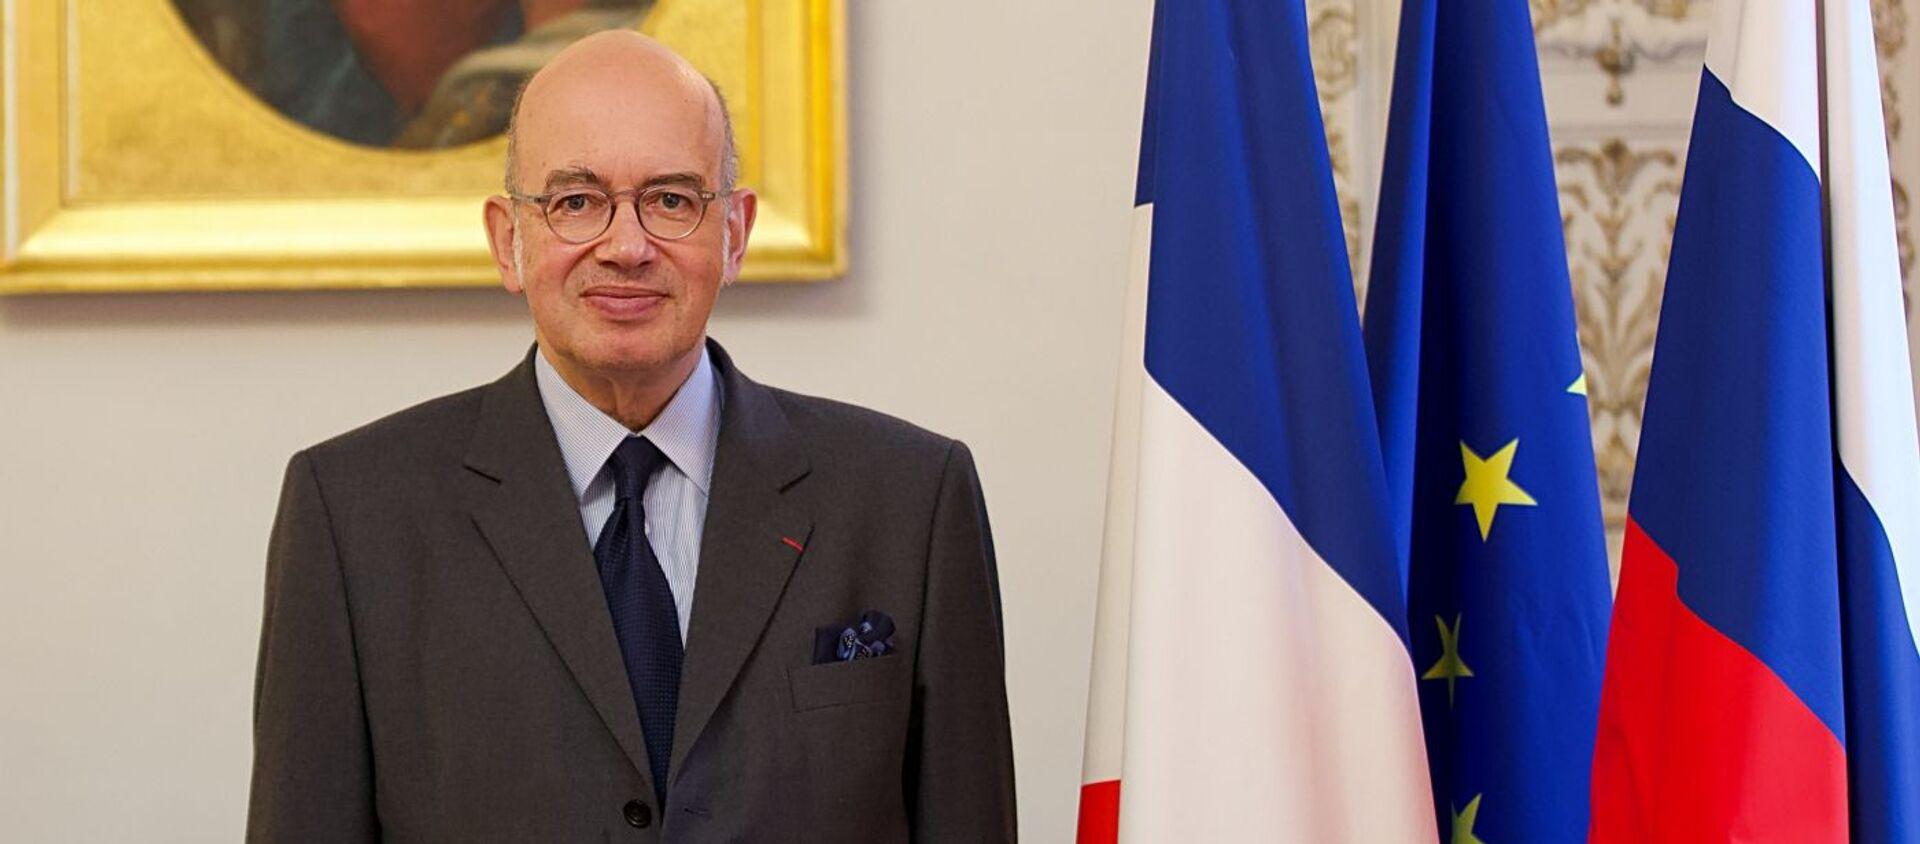 Pierre Lévy - Sputnik France, 1920, 01.02.2021